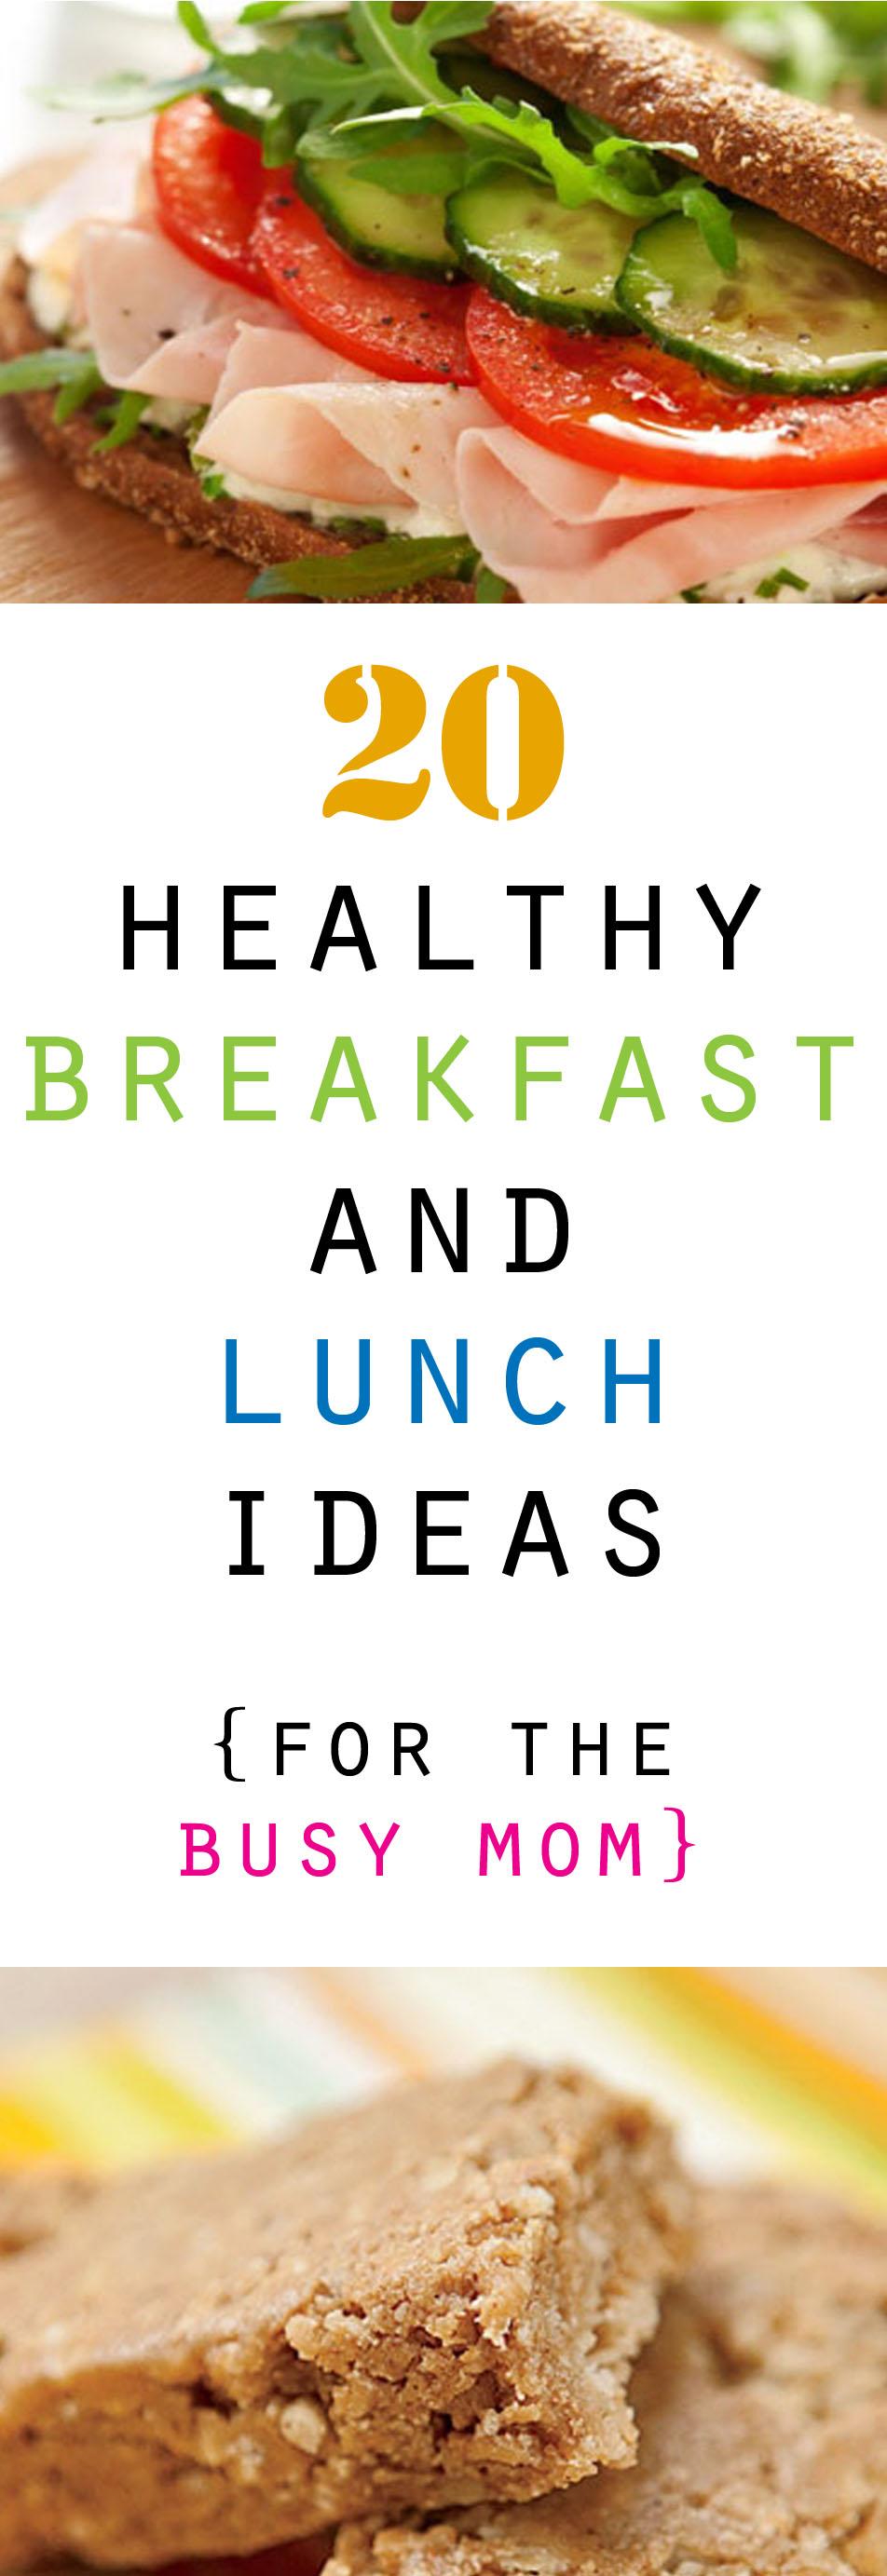 20 Healthy Breakfast And Lunch Ideas HoneyBear Lane